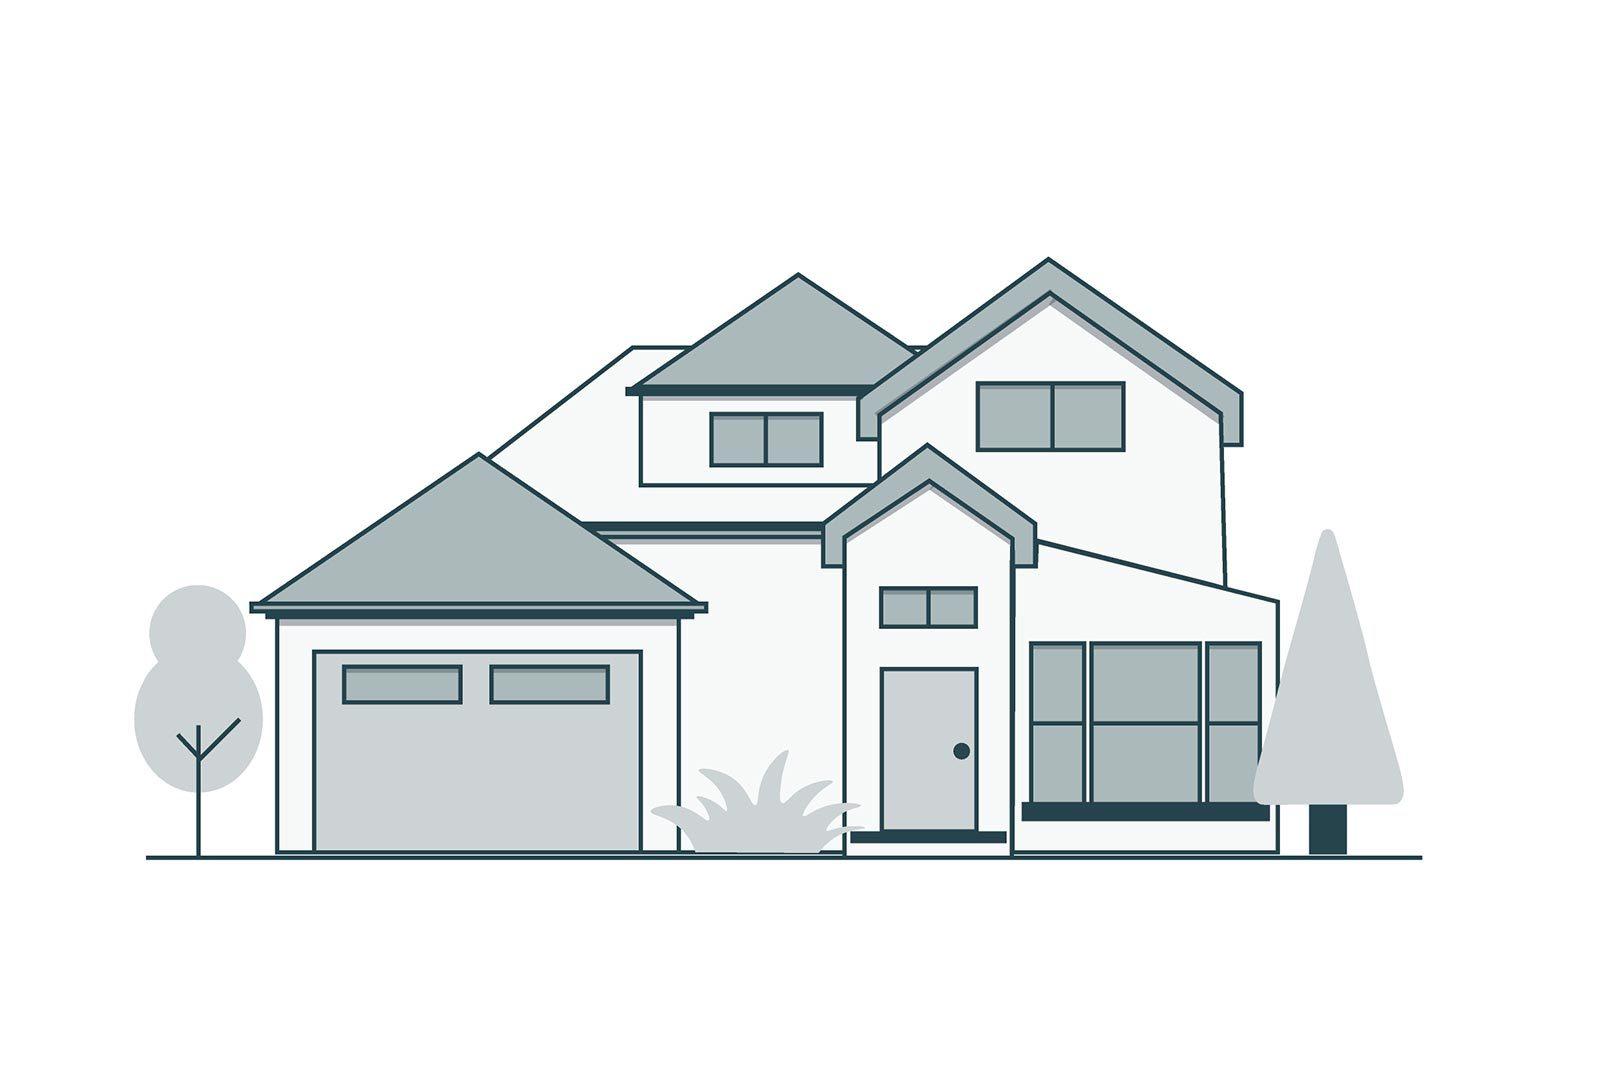 1529 Dolores St San Francisco, CA 94110